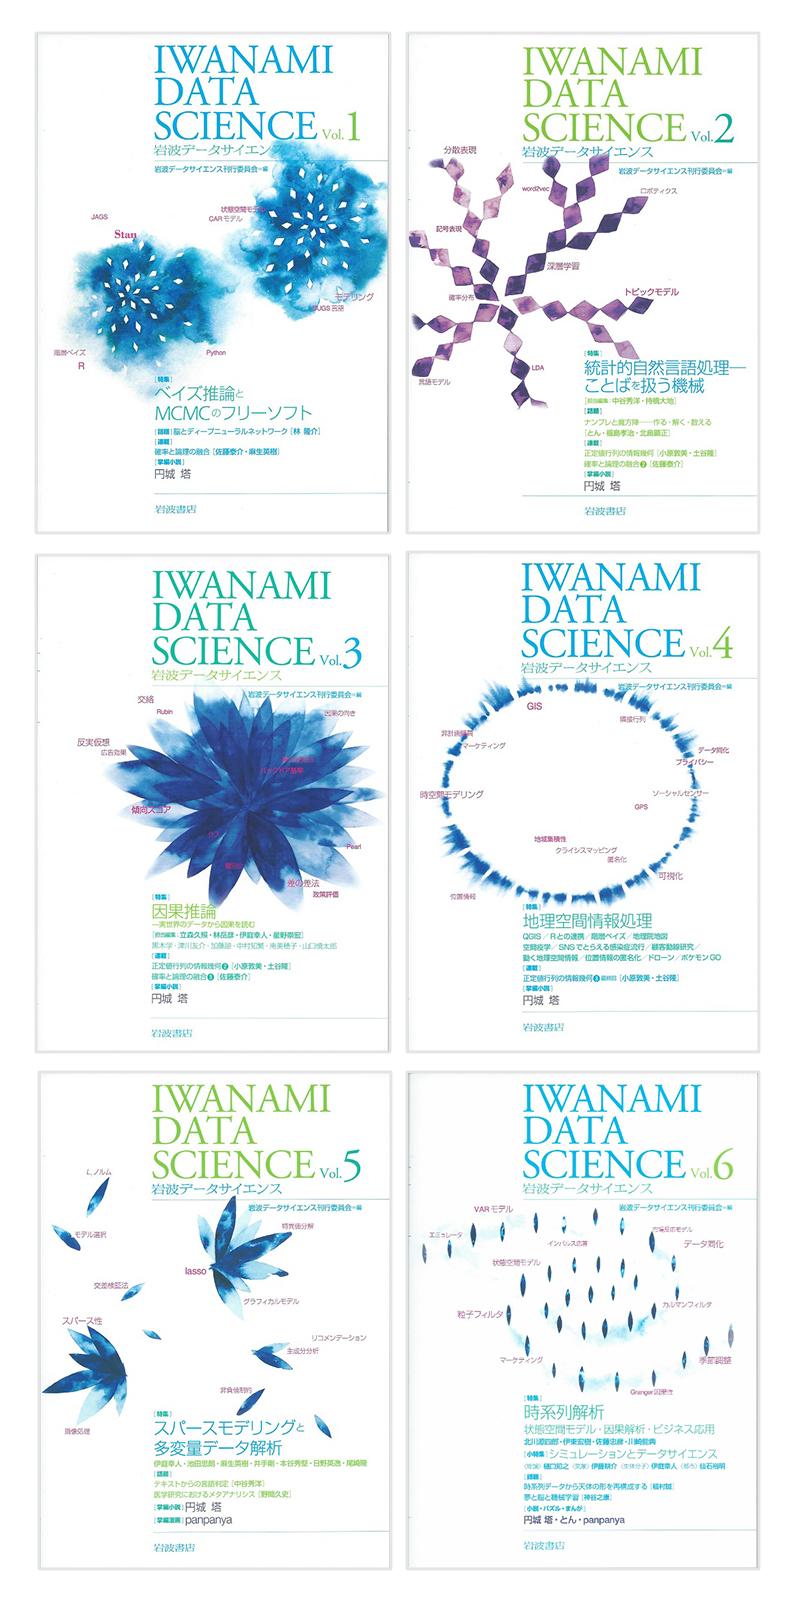 岩波データサイエンス 全6巻